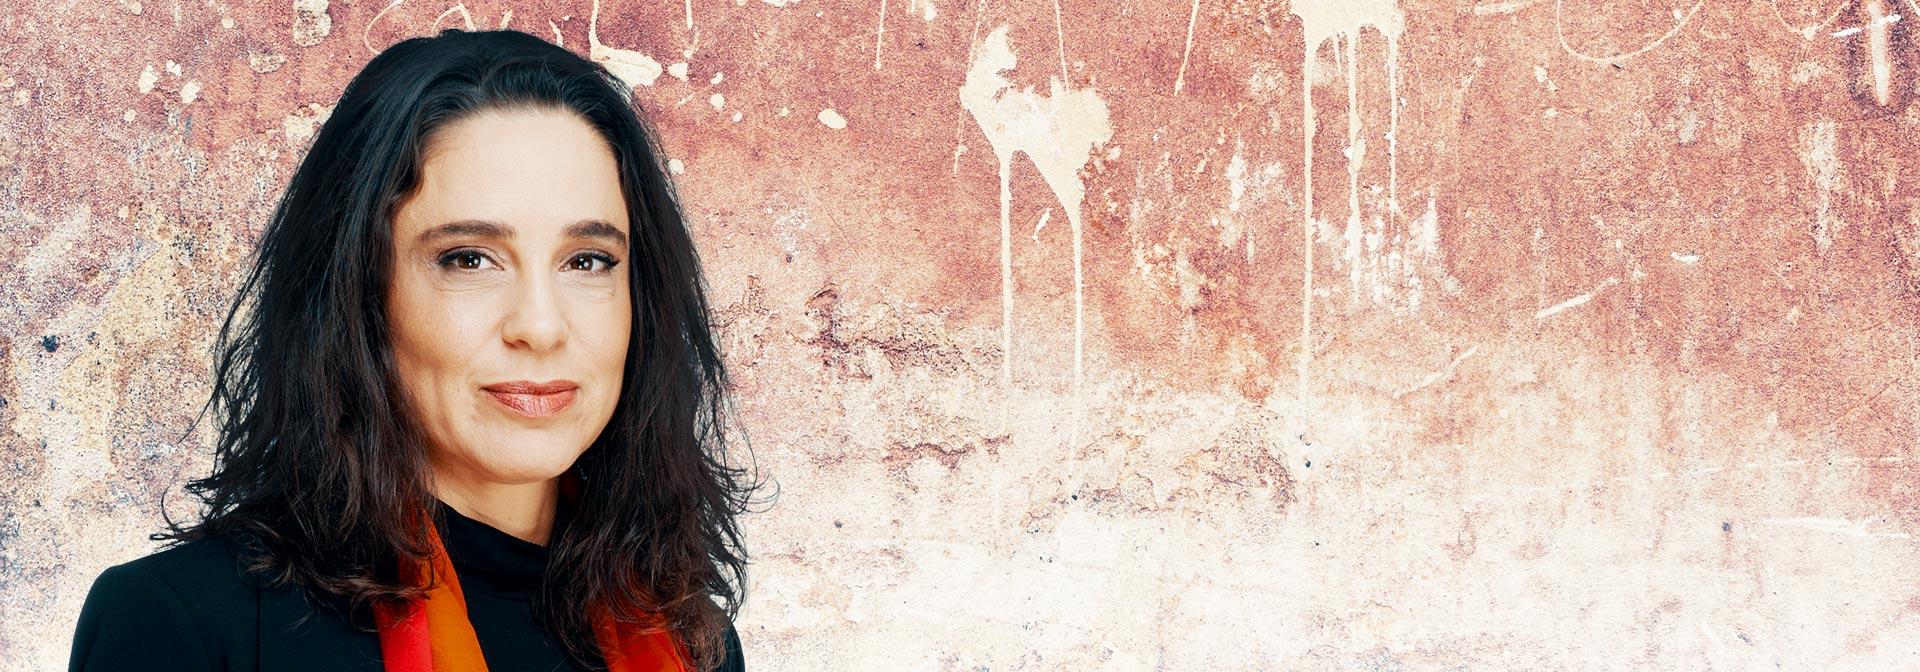 ליידי גלובס מציג: 20 האקטיביסטיות המשפיעות בישראל 2018 - מאיה יעקובס / צילום: ענבל מרמרי